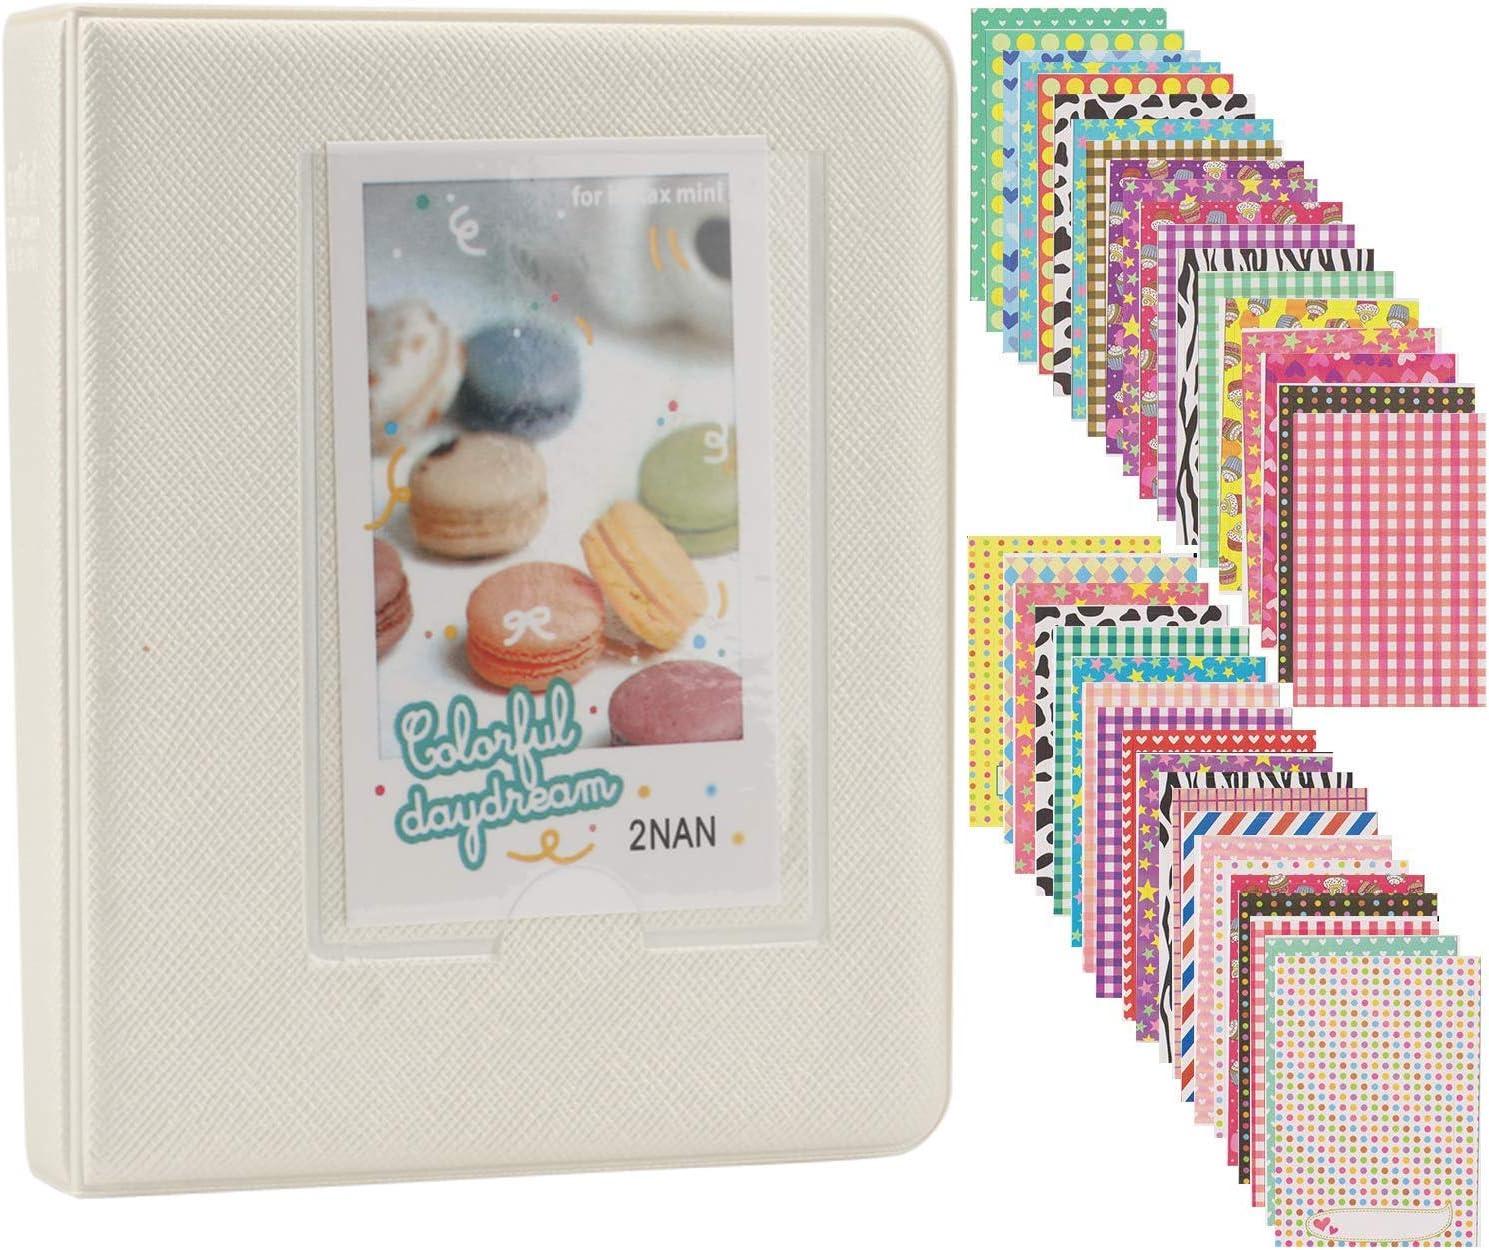 Alohallo Mini Photo Album Compatible 1 Instax with Fujifilm Max 47% Chicago Mall OFF